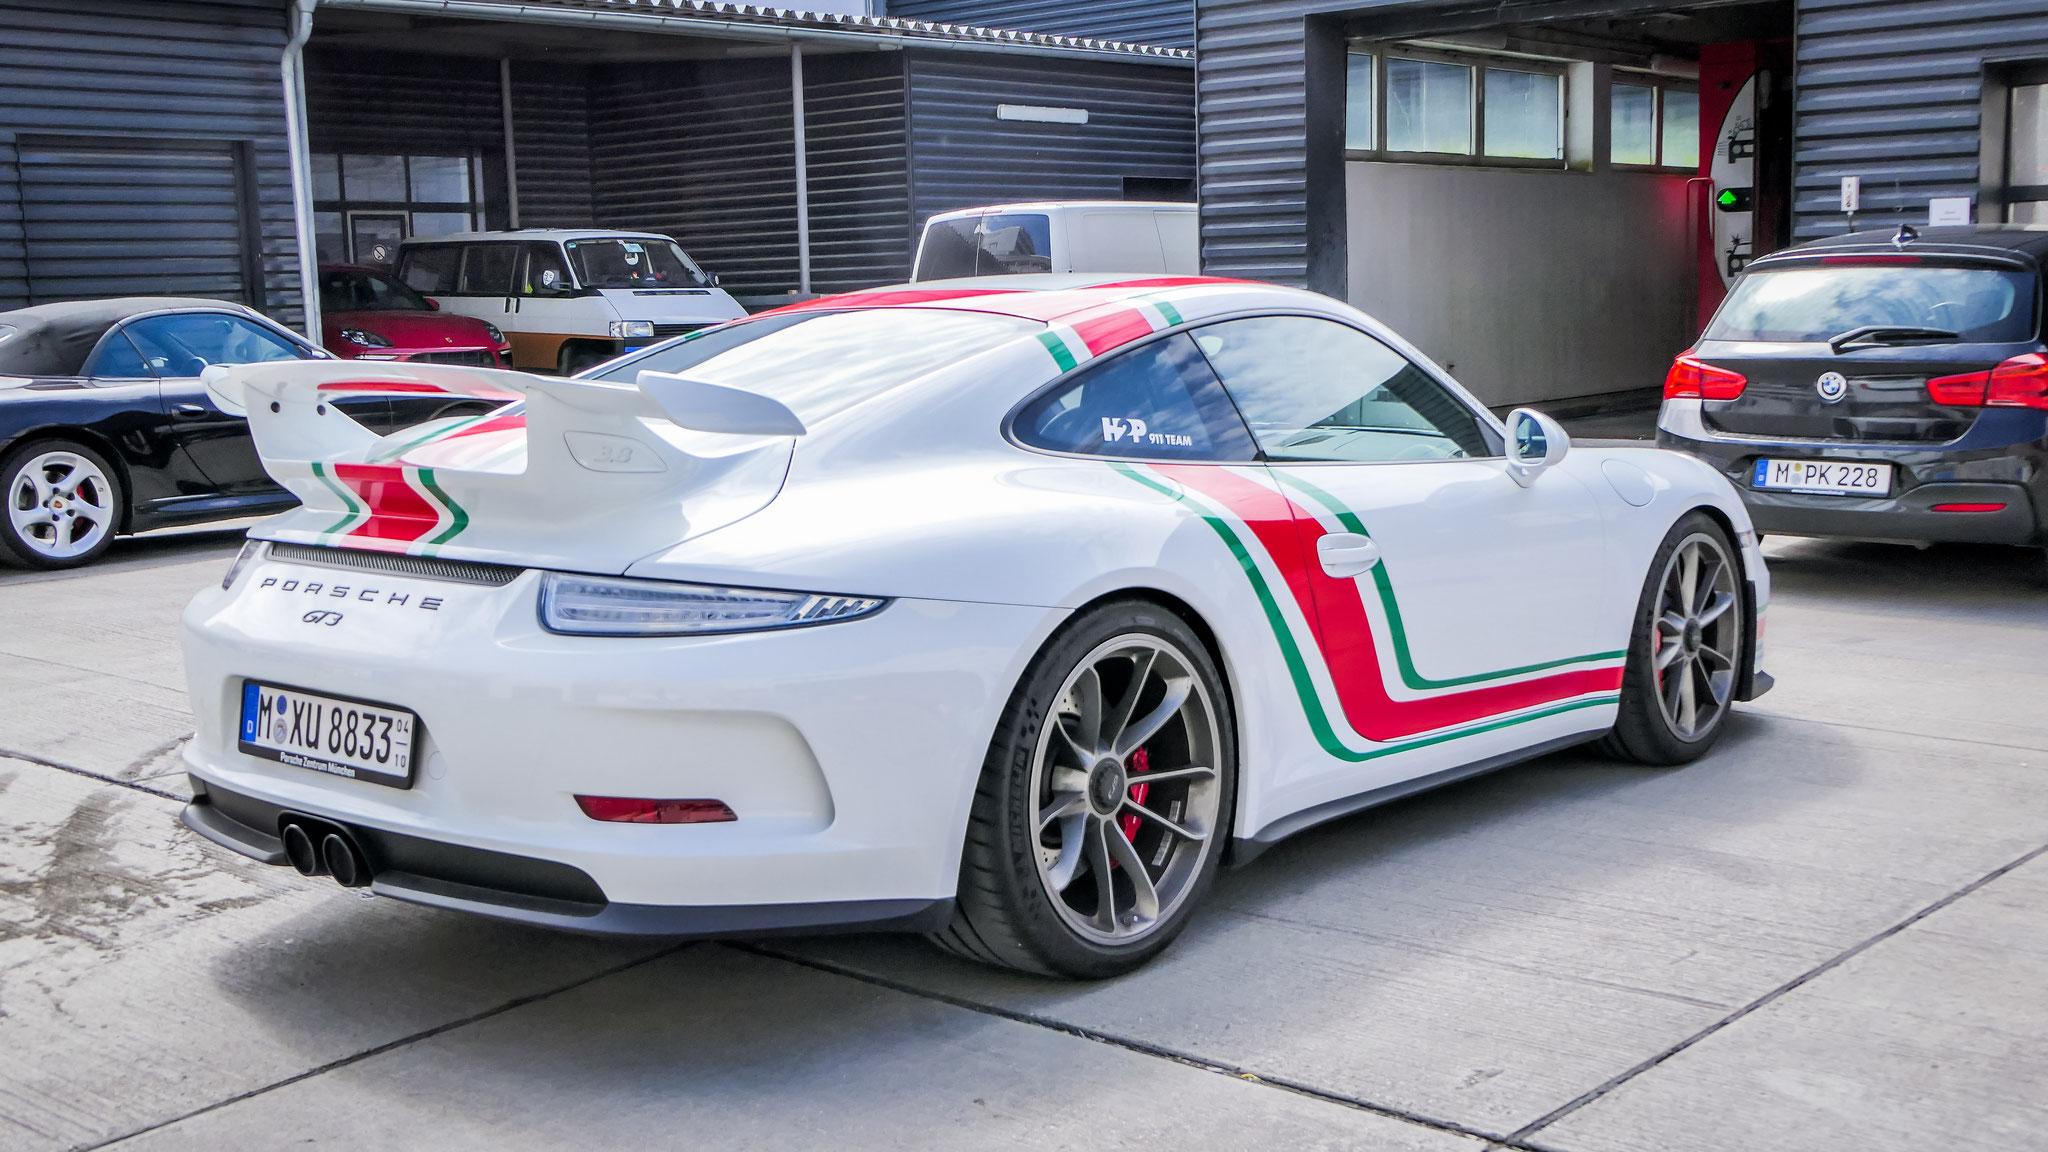 Porsche 991 GT3 - M-XU-8833